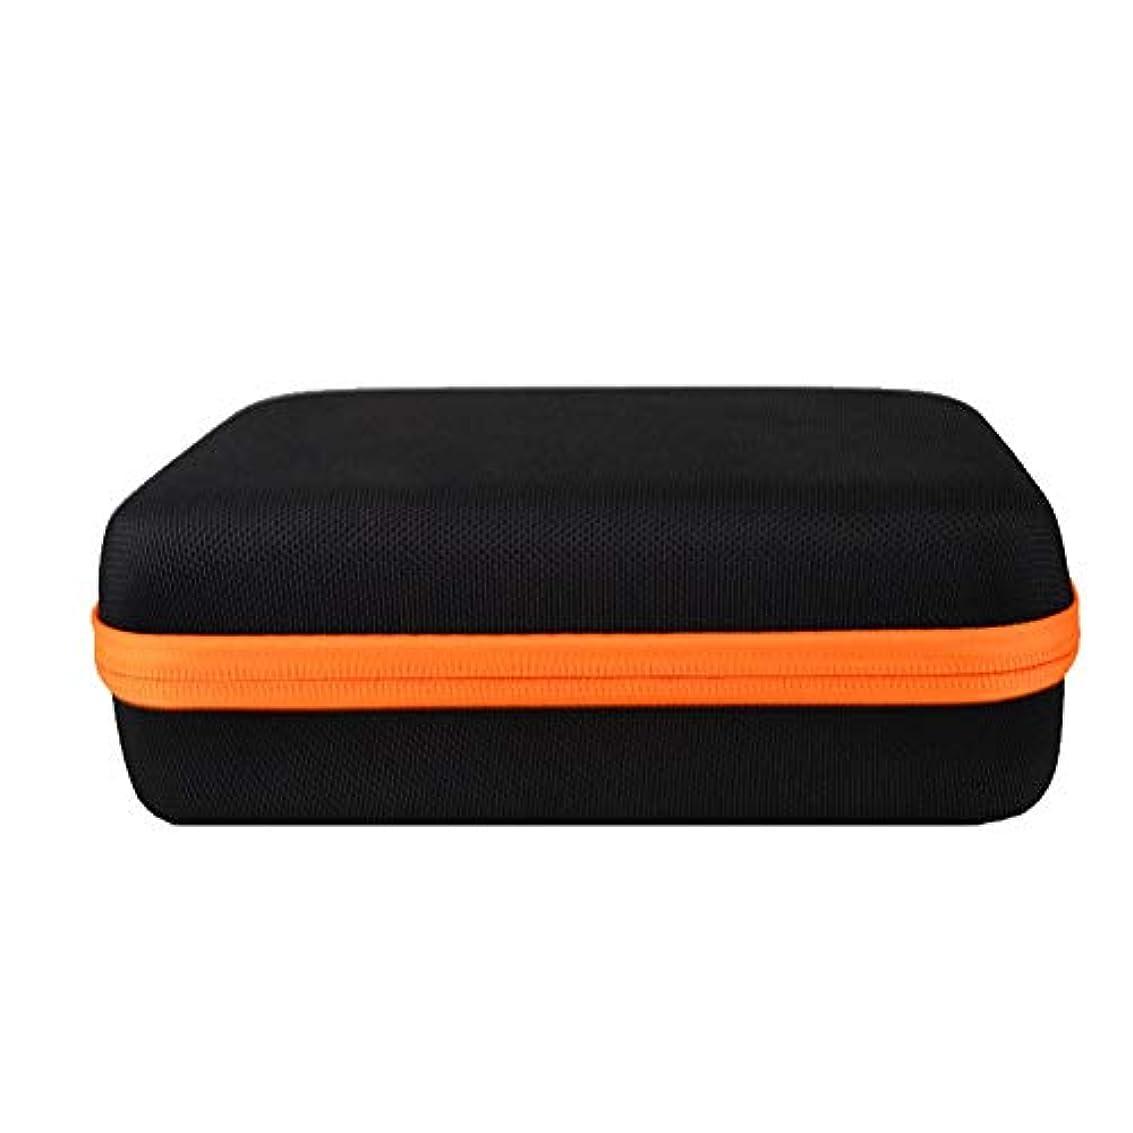 愛情深いタッチオートマトンアロマセラピー収納ボックス 保護テイク5ミリリットル、10mLのとオイルの15ミリリットル瓶不可欠旅行のポータブル石油貯蔵ボックスフレームのための高油のホルスター エッセンシャルオイル収納ボックス (色 : オレンジ, サイズ : 21.5X17.2X7.6CM)